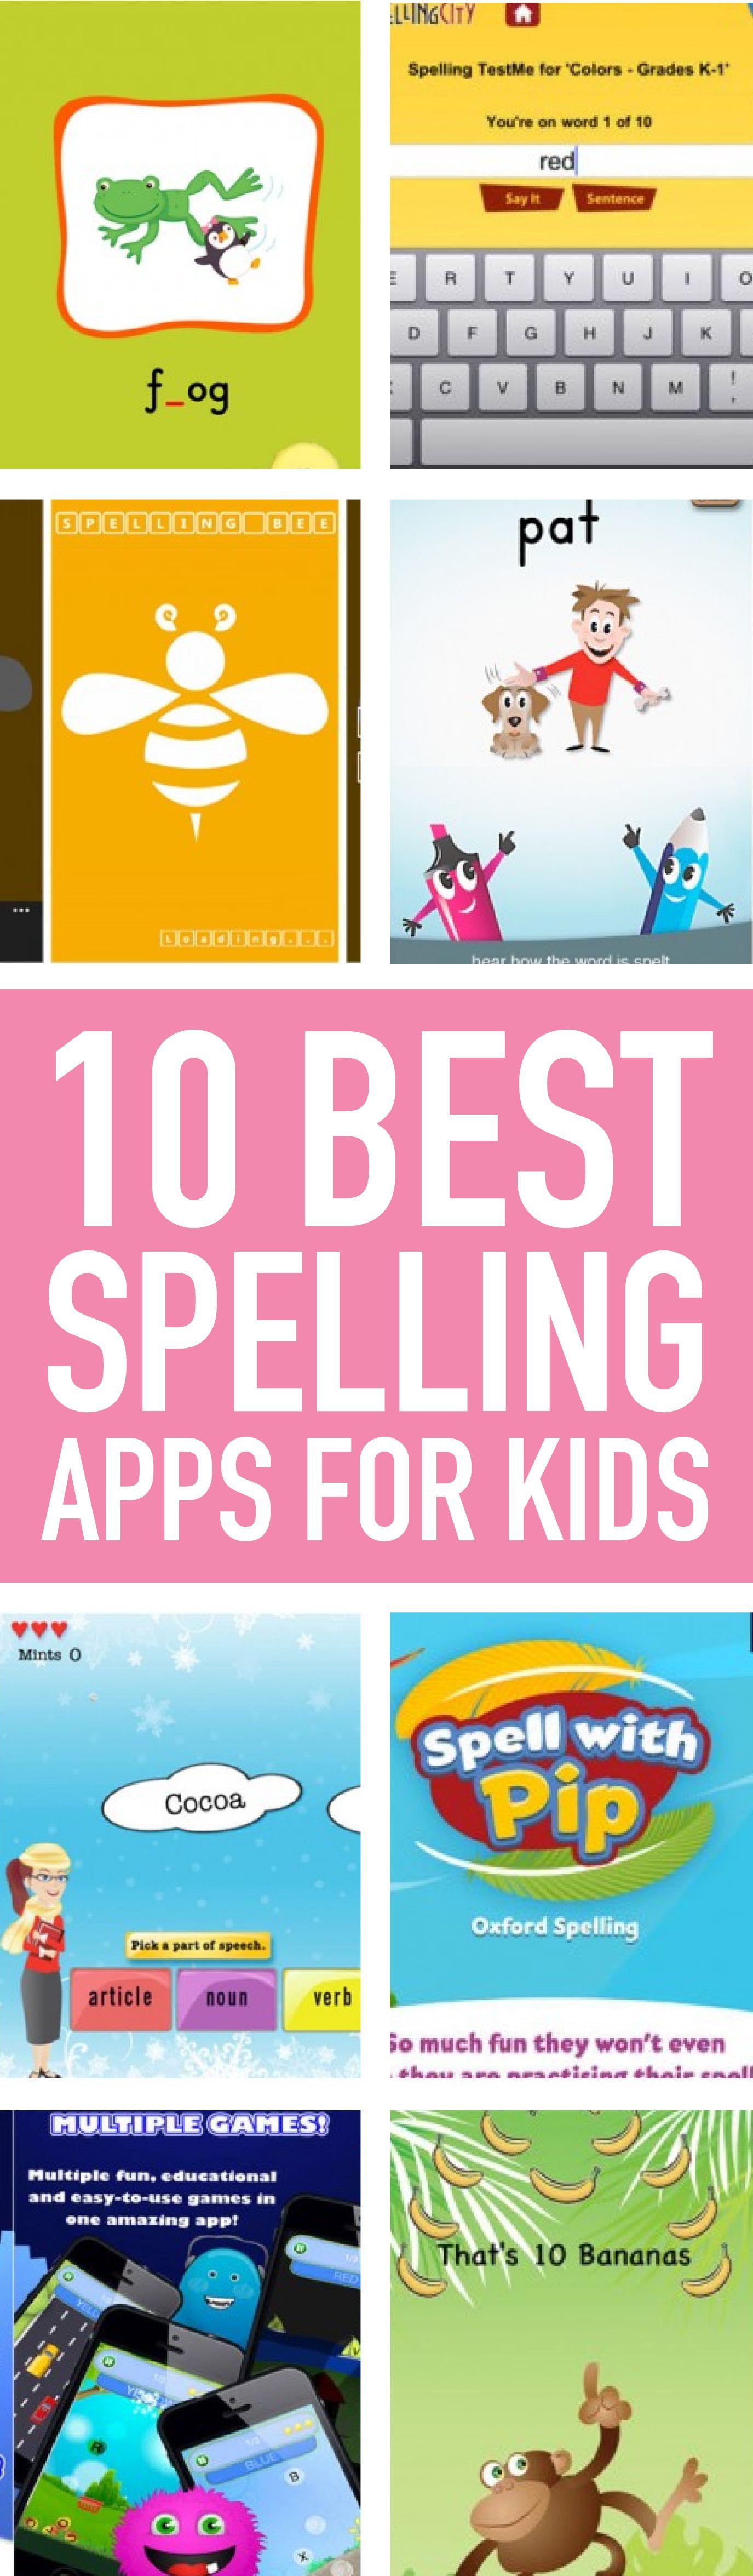 16 Best Spelling Apps For Kids